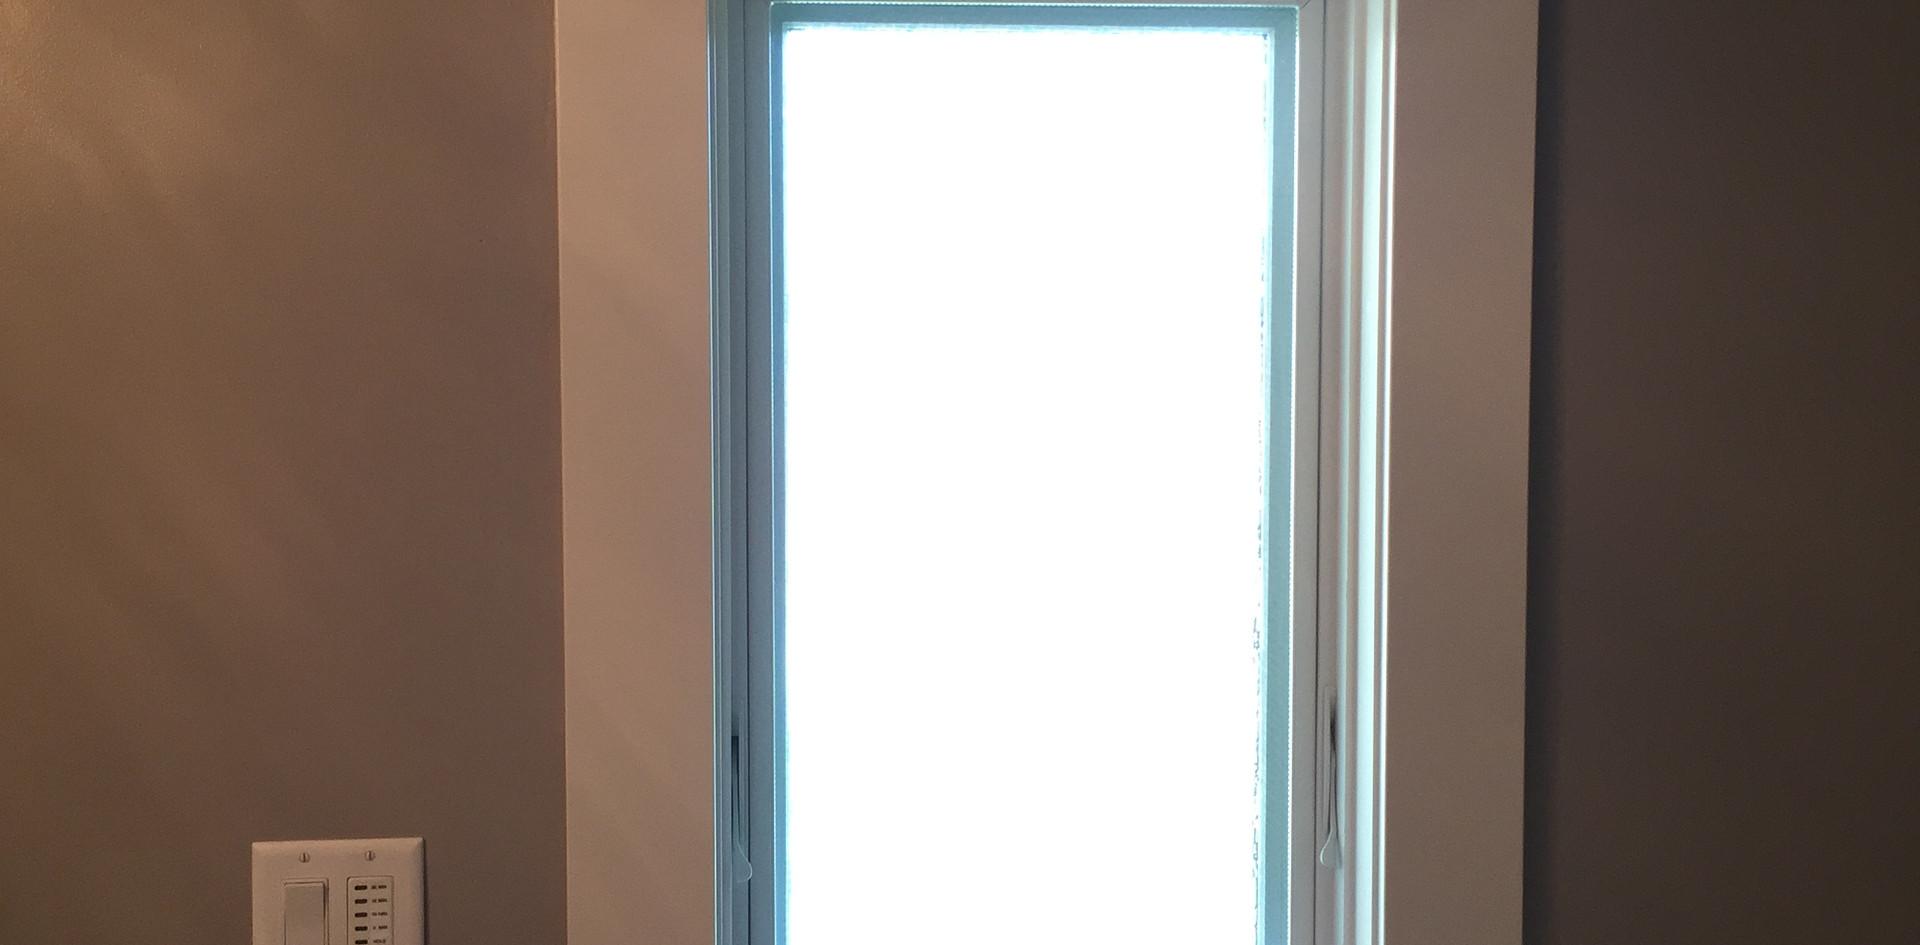 Bathroom window trim with crown, dust ledge, sill & apron